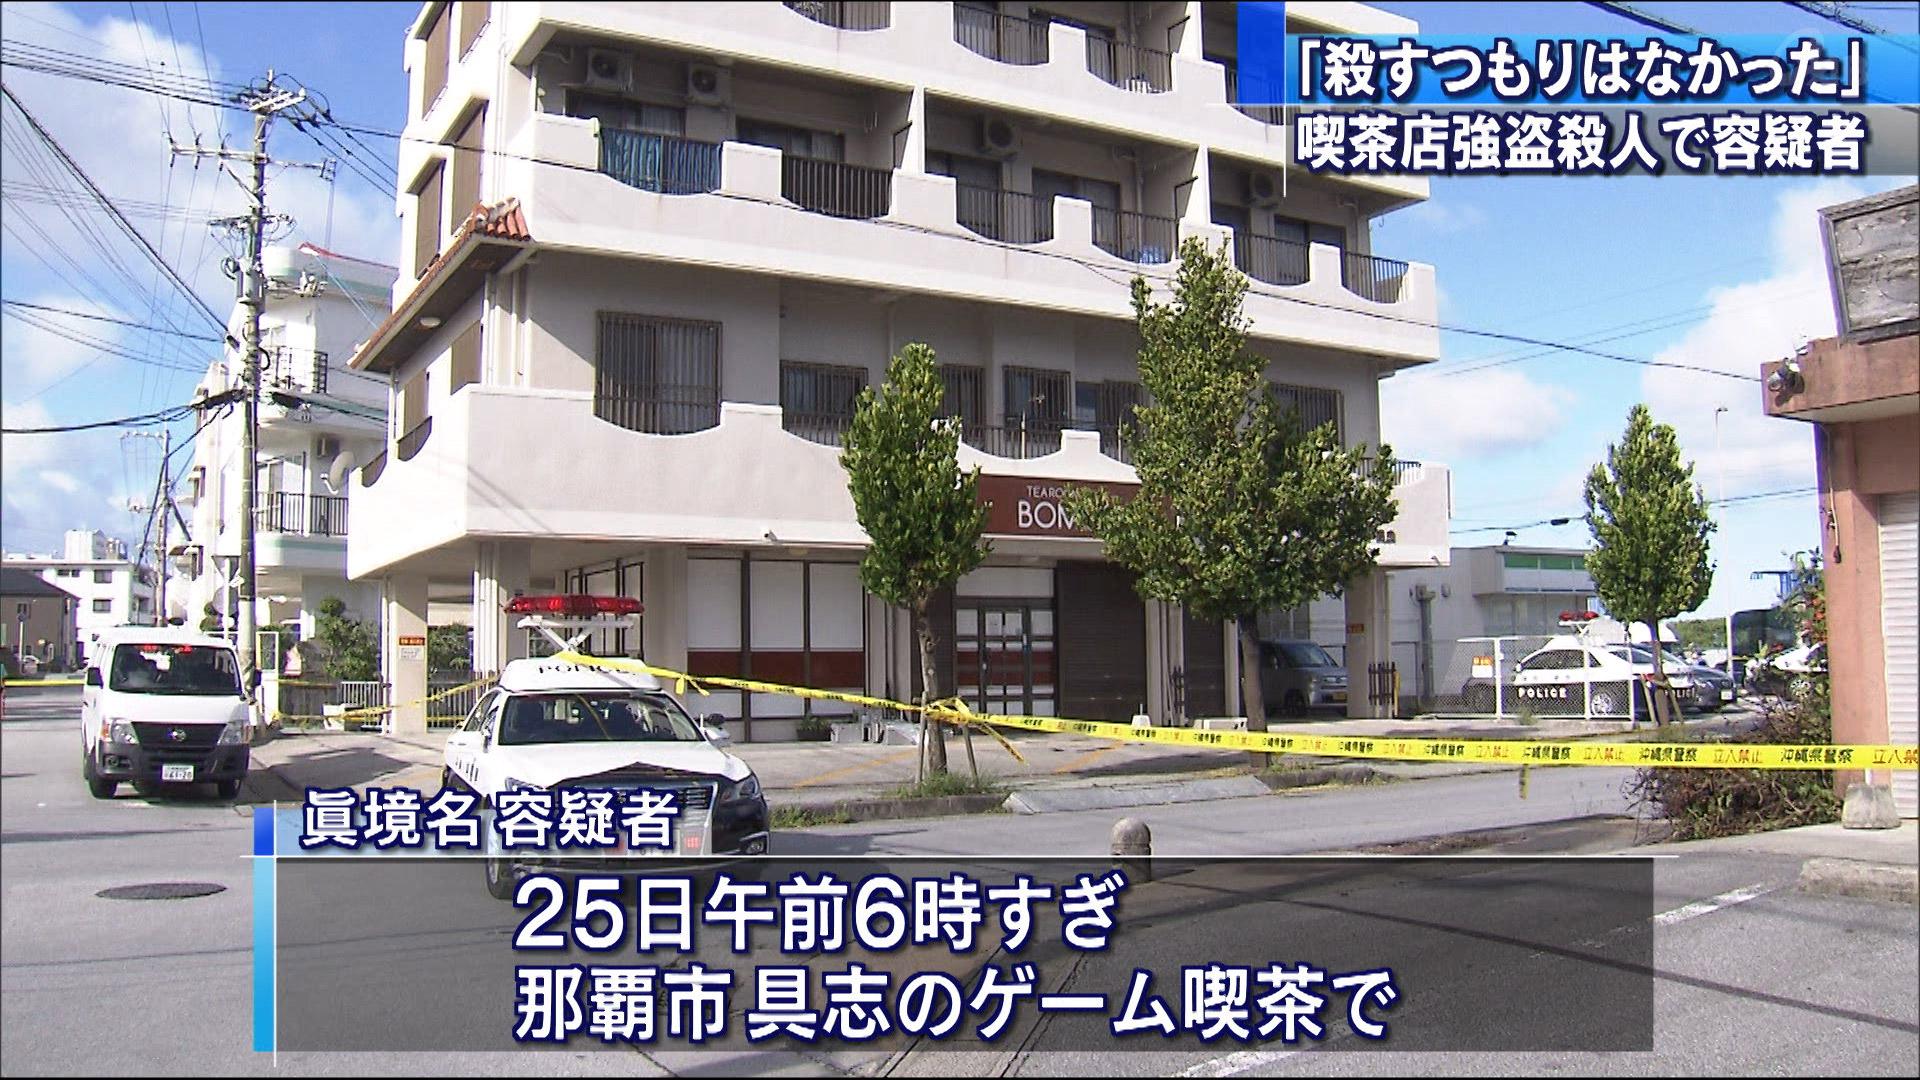 「殺すつもりはなかった」喫茶店強盗殺人で容疑者